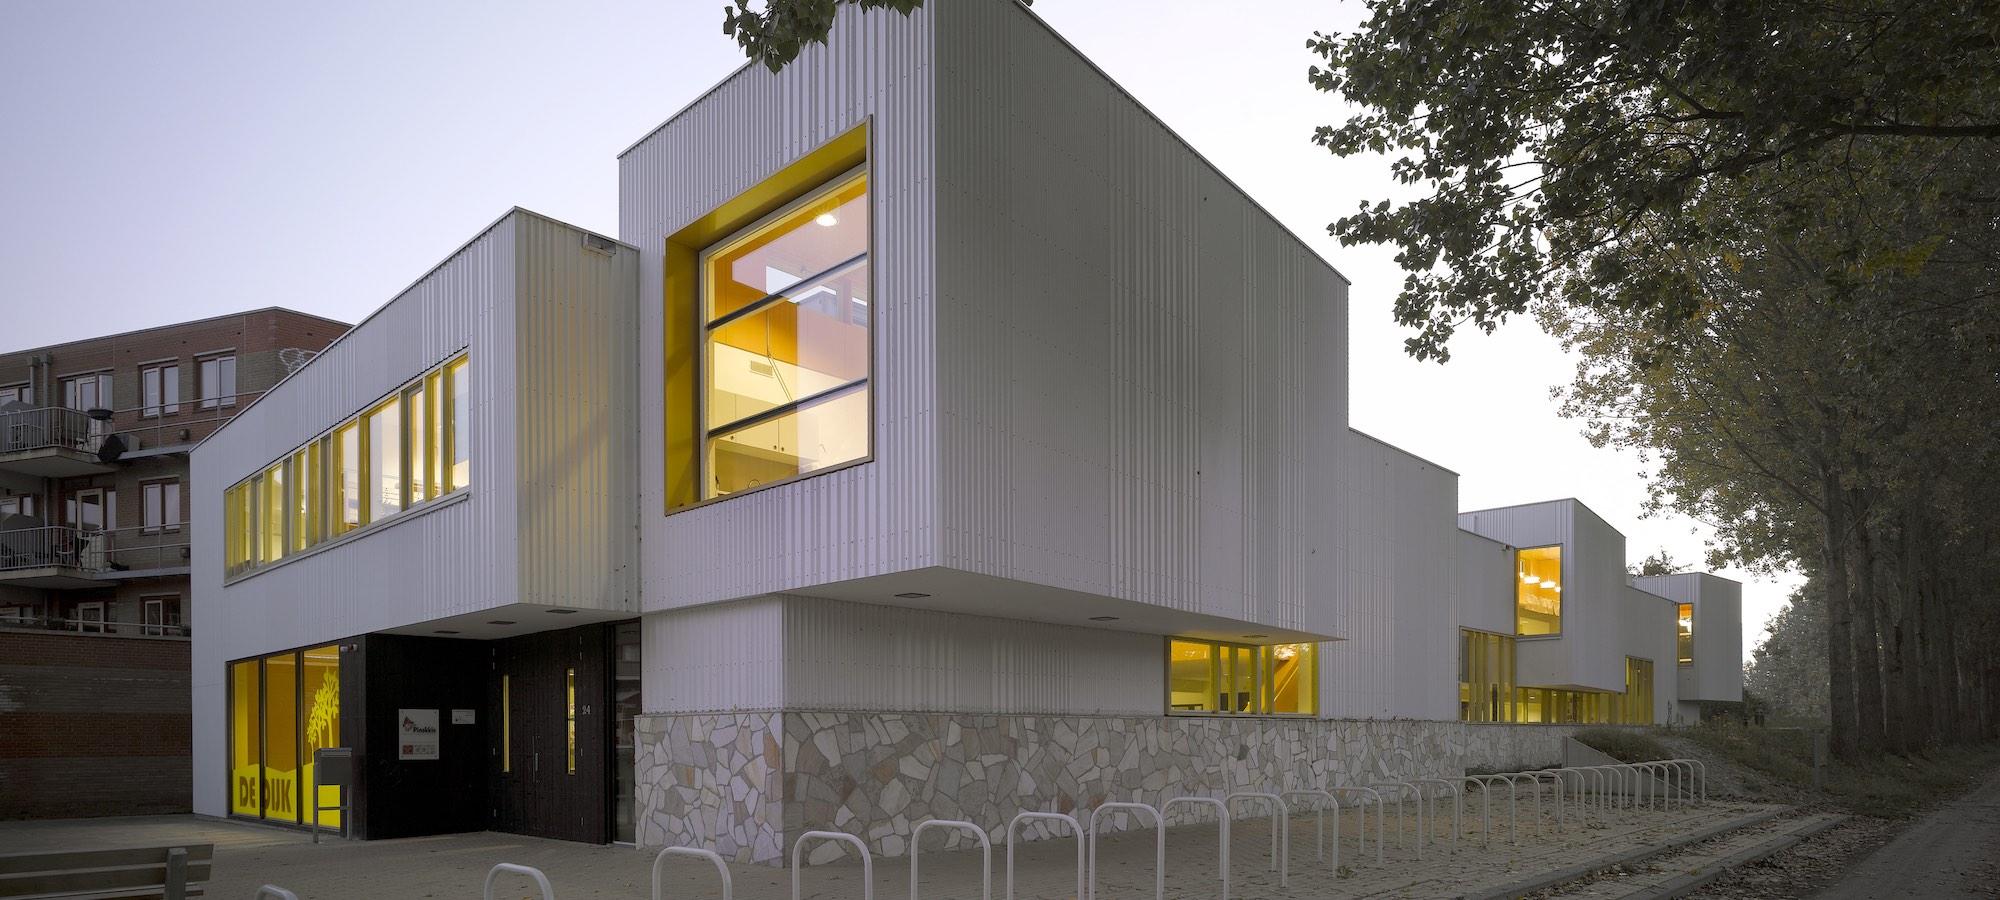 De Dijk, basisschool, Groningen © drost + van veen architecten bv